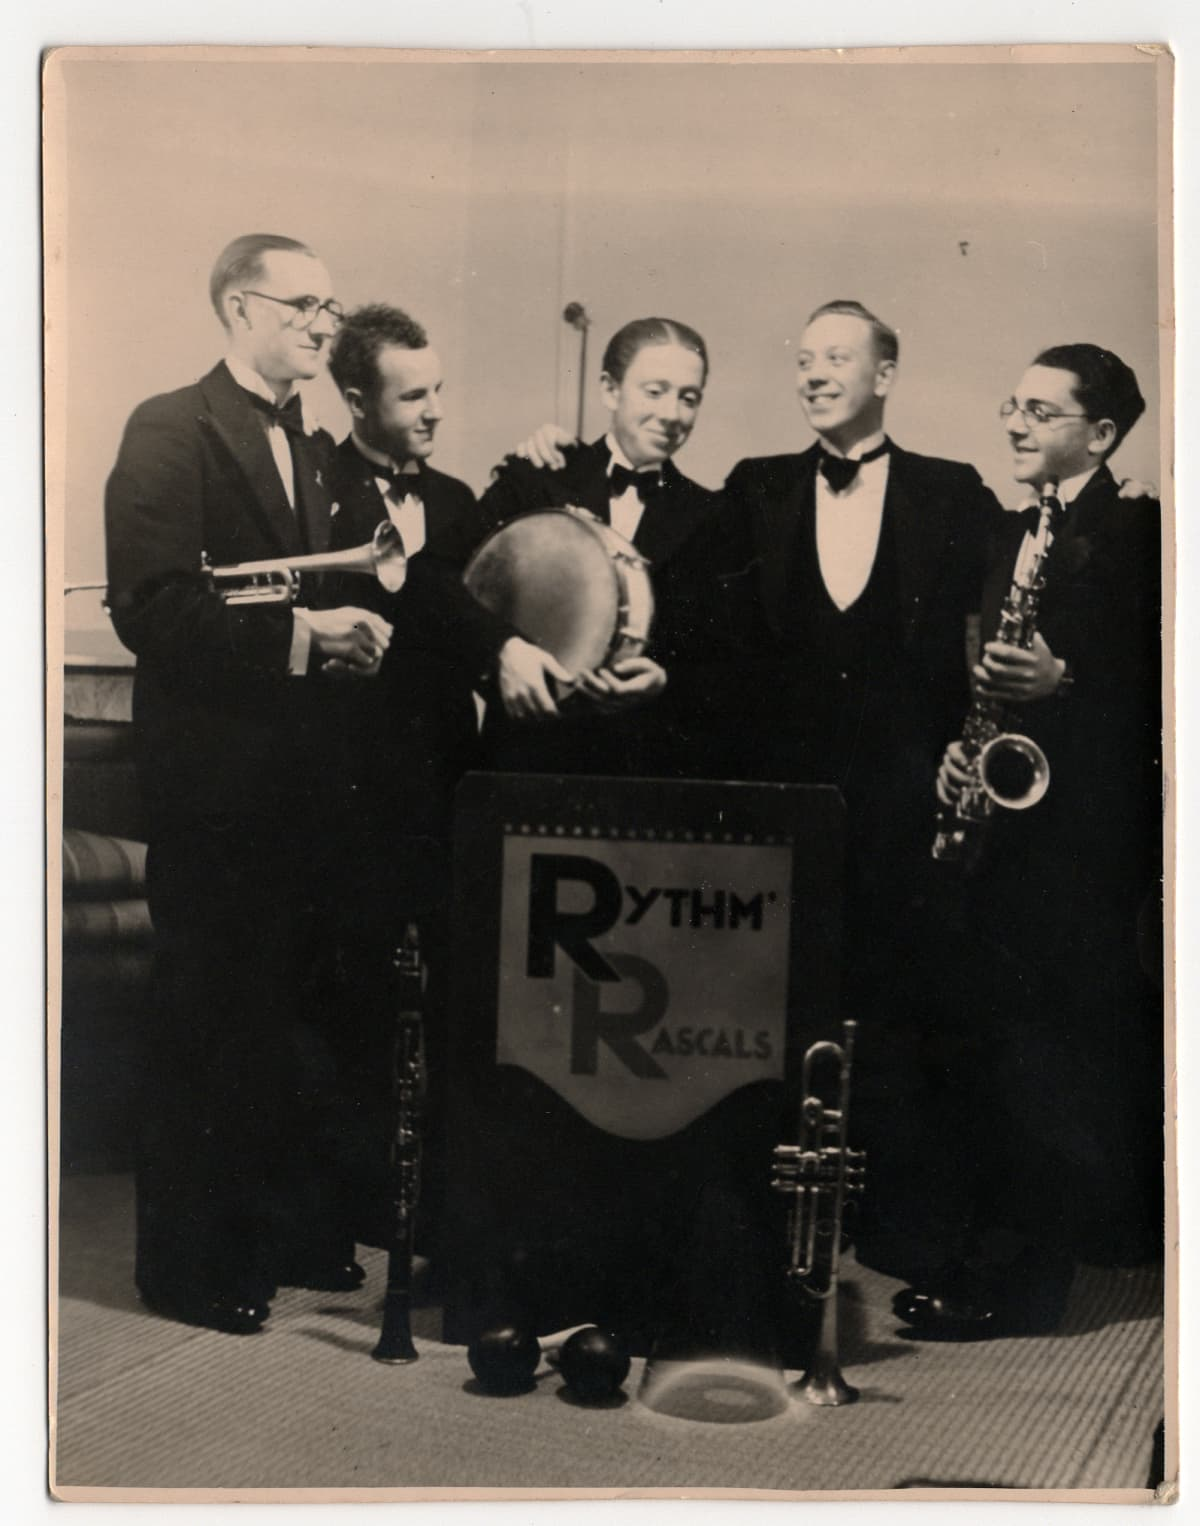 Ryhmäkuva Rythm Rascals -yhtyeestä.